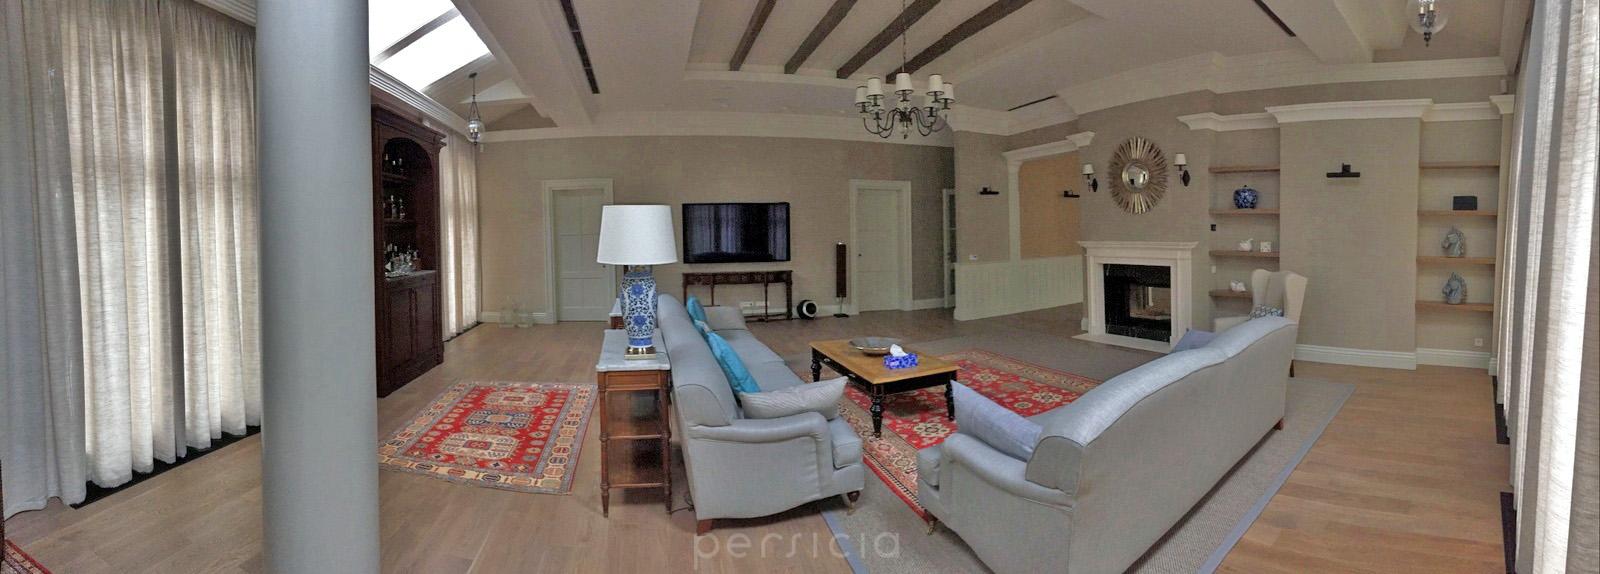 Роскошный интерьер гостиной с коврами